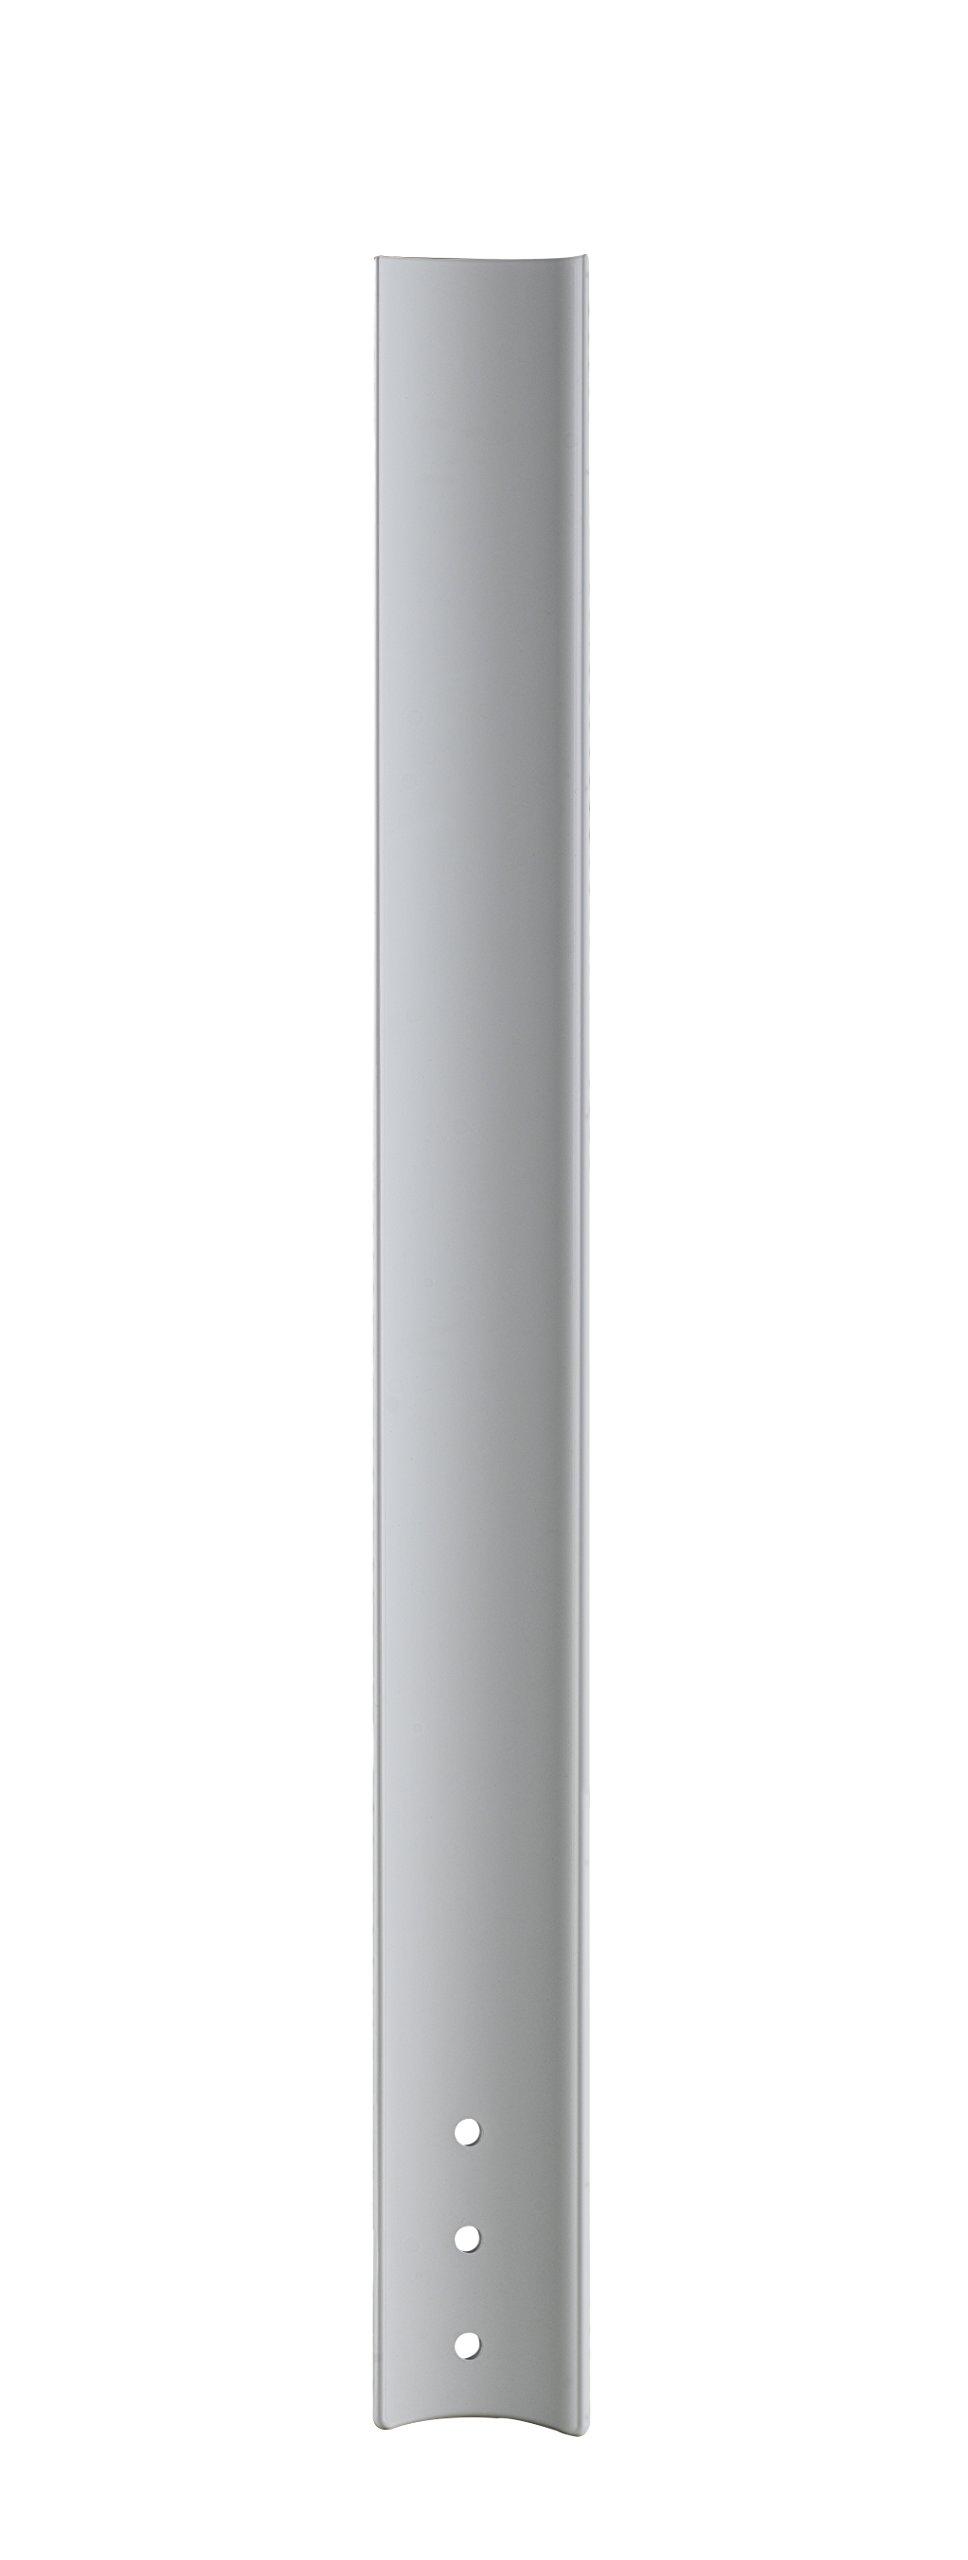 Fanimation BPW8152-72BNW Brushed Nickel Odyn Custom Blade